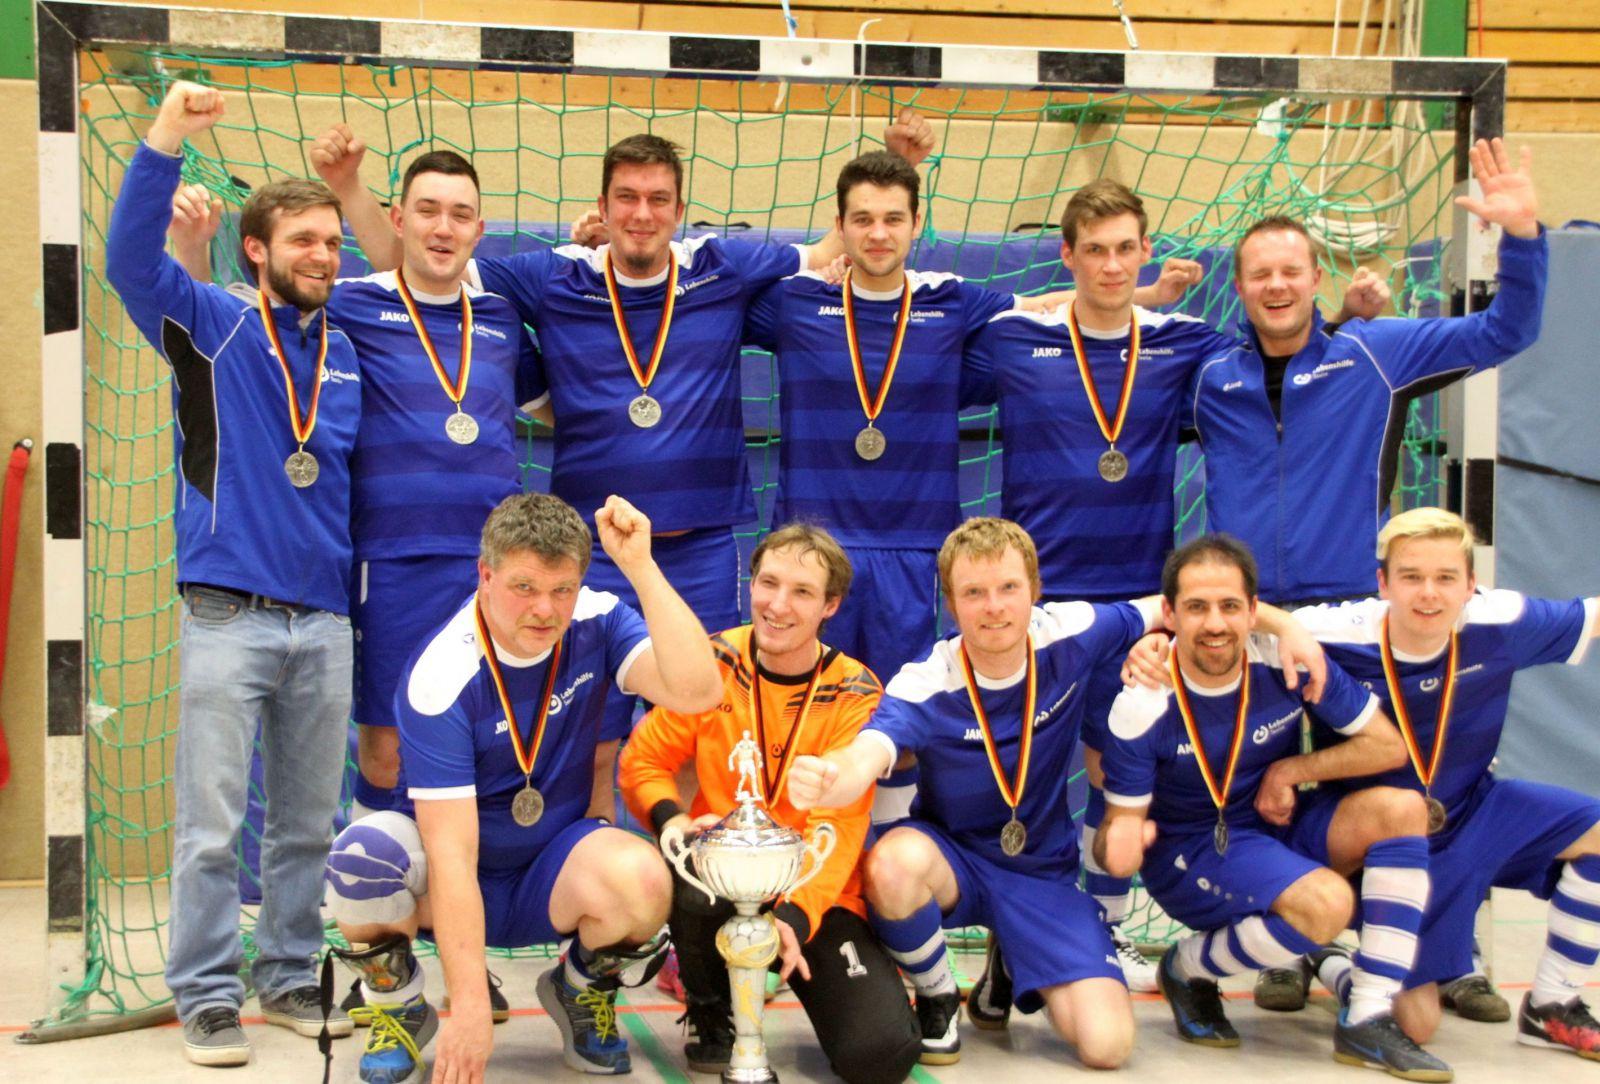 LH_Hallen Niedersachsenmeisterschaft Team